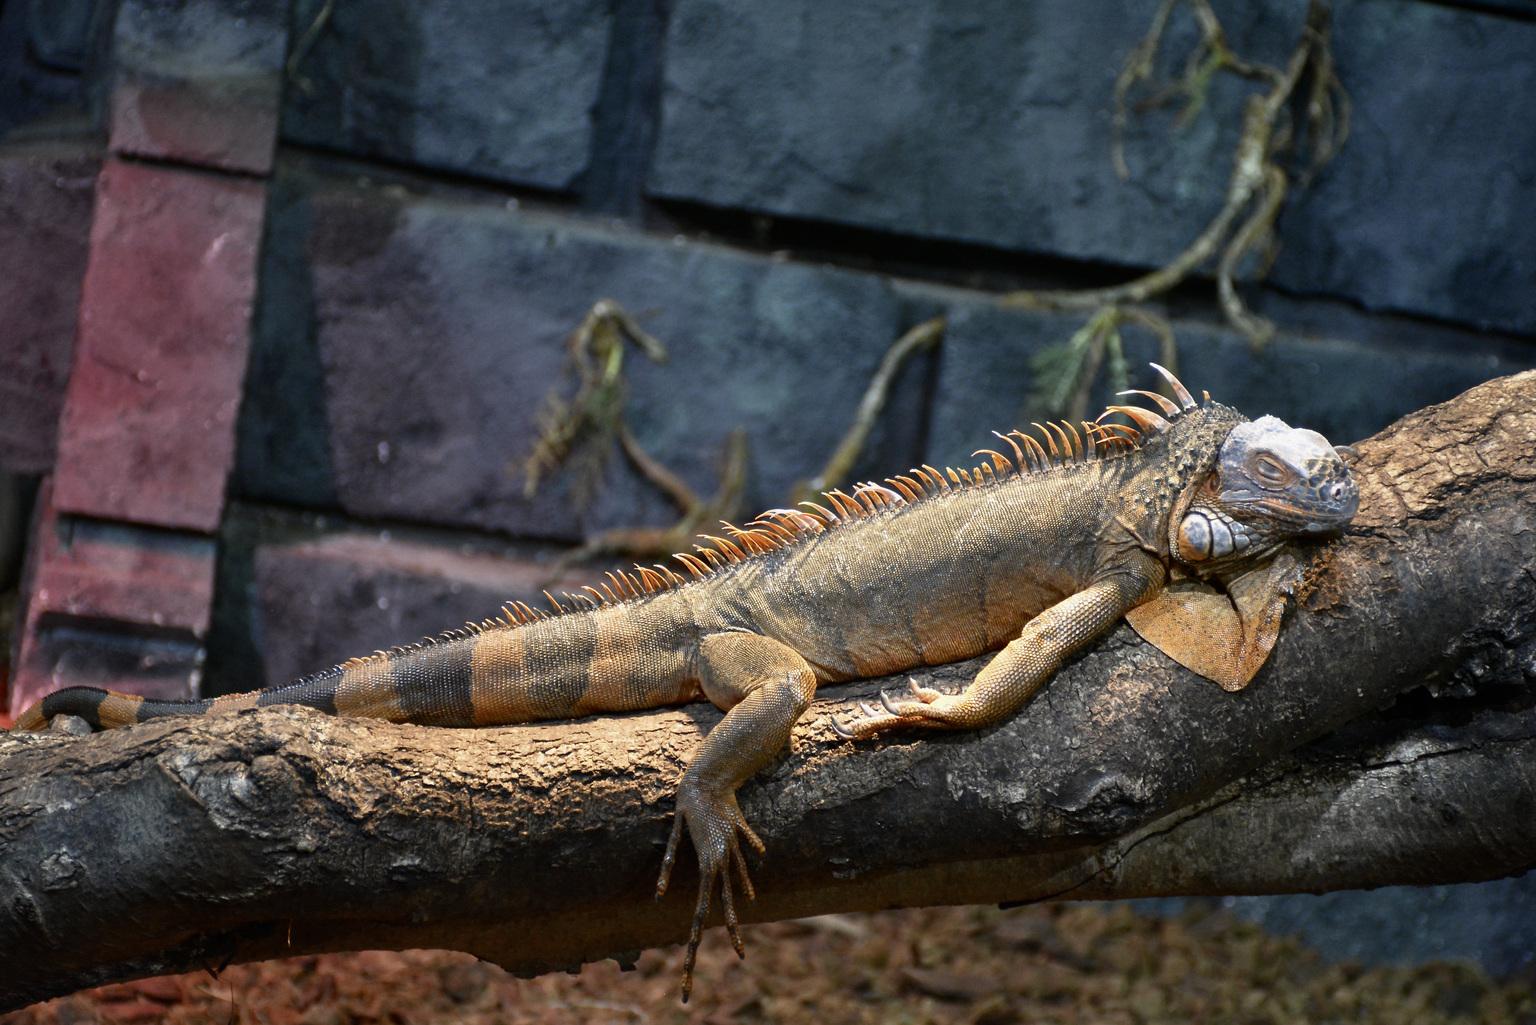 Kameleon  - Pairi-Daiza - foto door winnybiets op 05-05-2021 - locatie: Brugelette, België - deze foto bevat: oog, reptiel, leguaan, hagedis, geschaald reptiel, terrestrische dieren, hout, leguanen, staart, leguaan